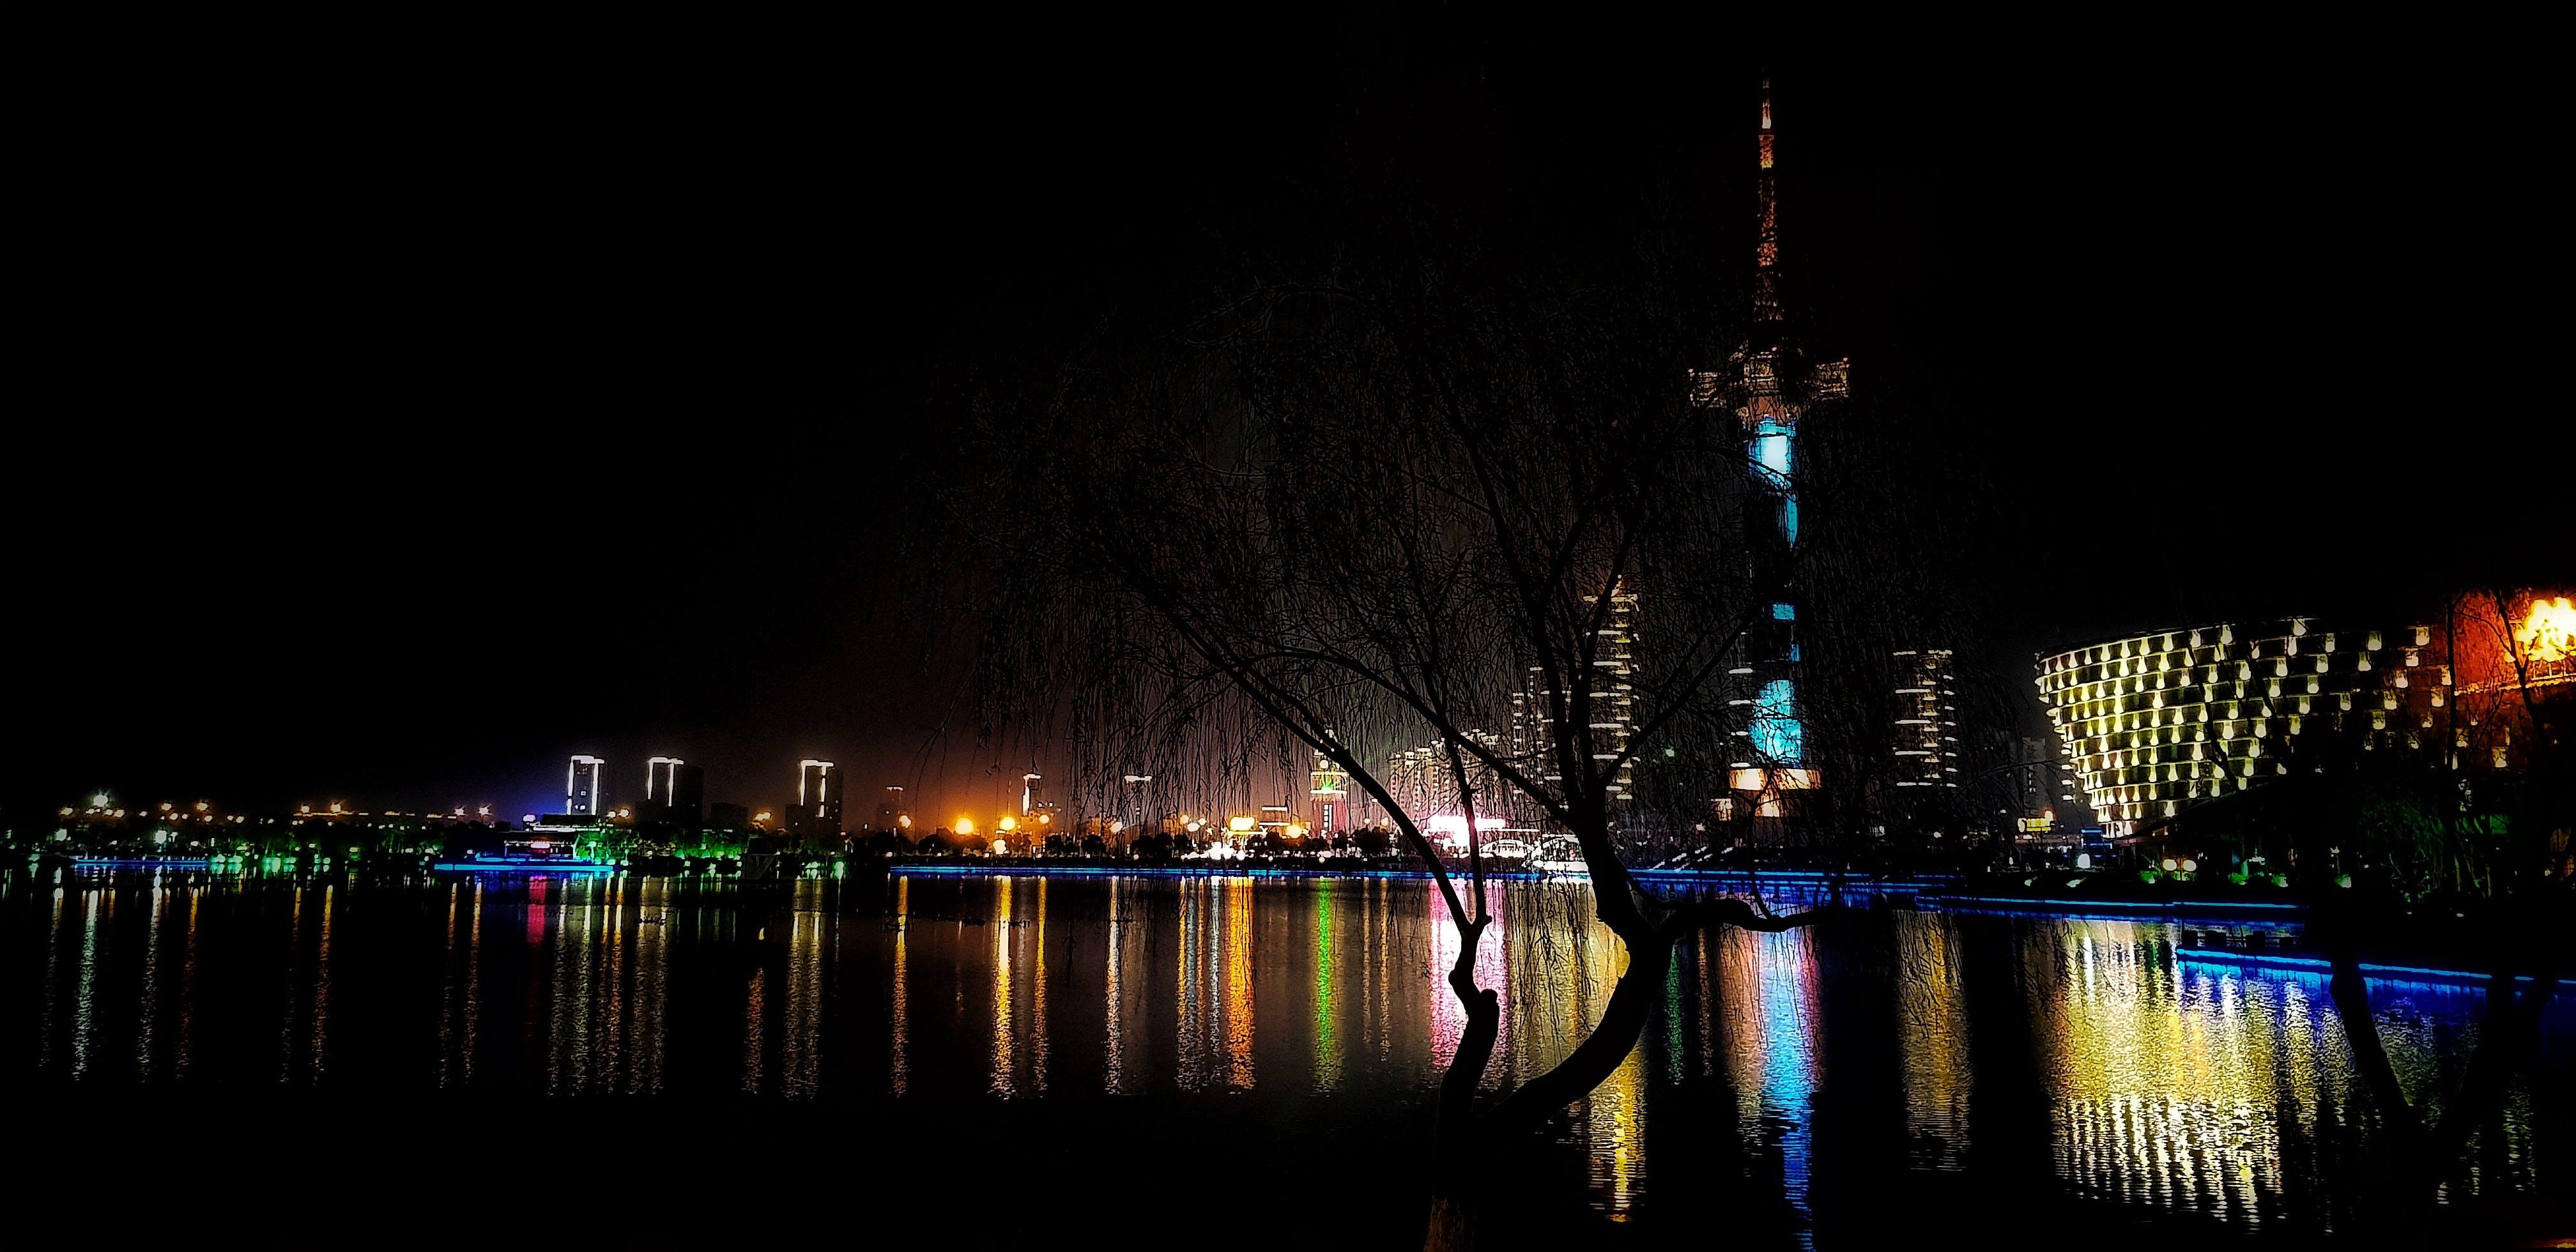 Free stock photo of #mobilechallenge, beautiful, blue, china